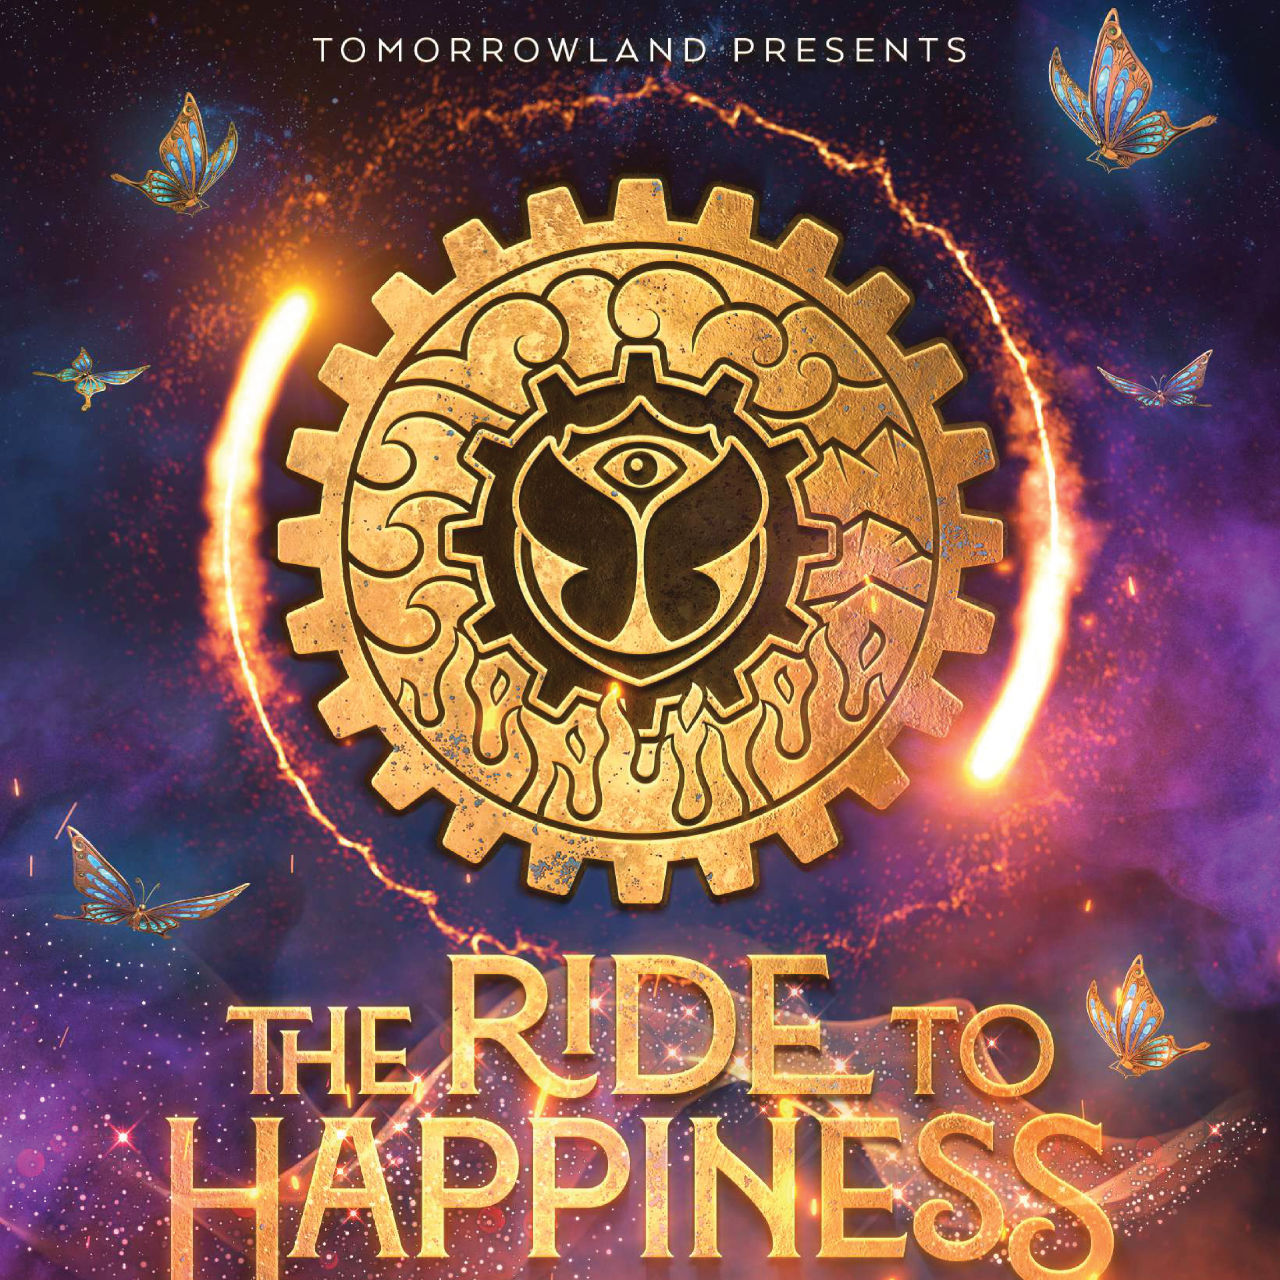 Tomorrowland und Plopsa kündigen die spektakulärste Achterbahn Europas an